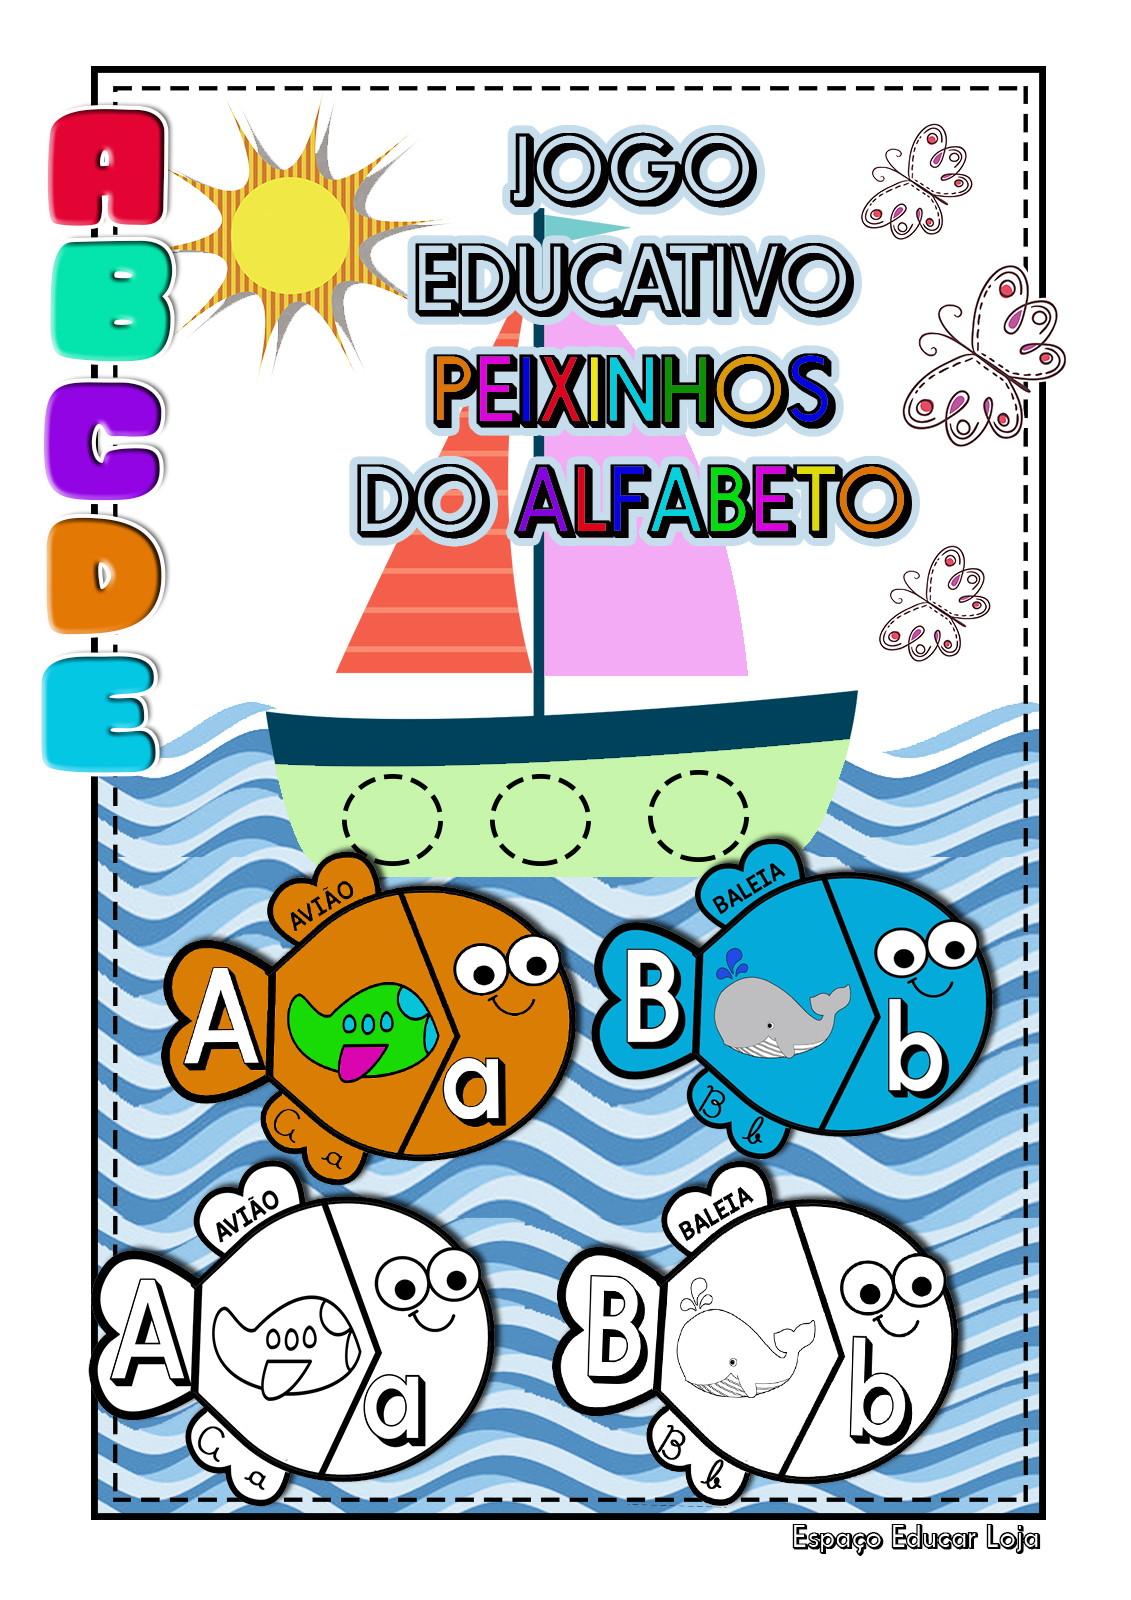 Jogo Educativo Peixinhos Do Alfabeto Quebra Cabecas Digital No